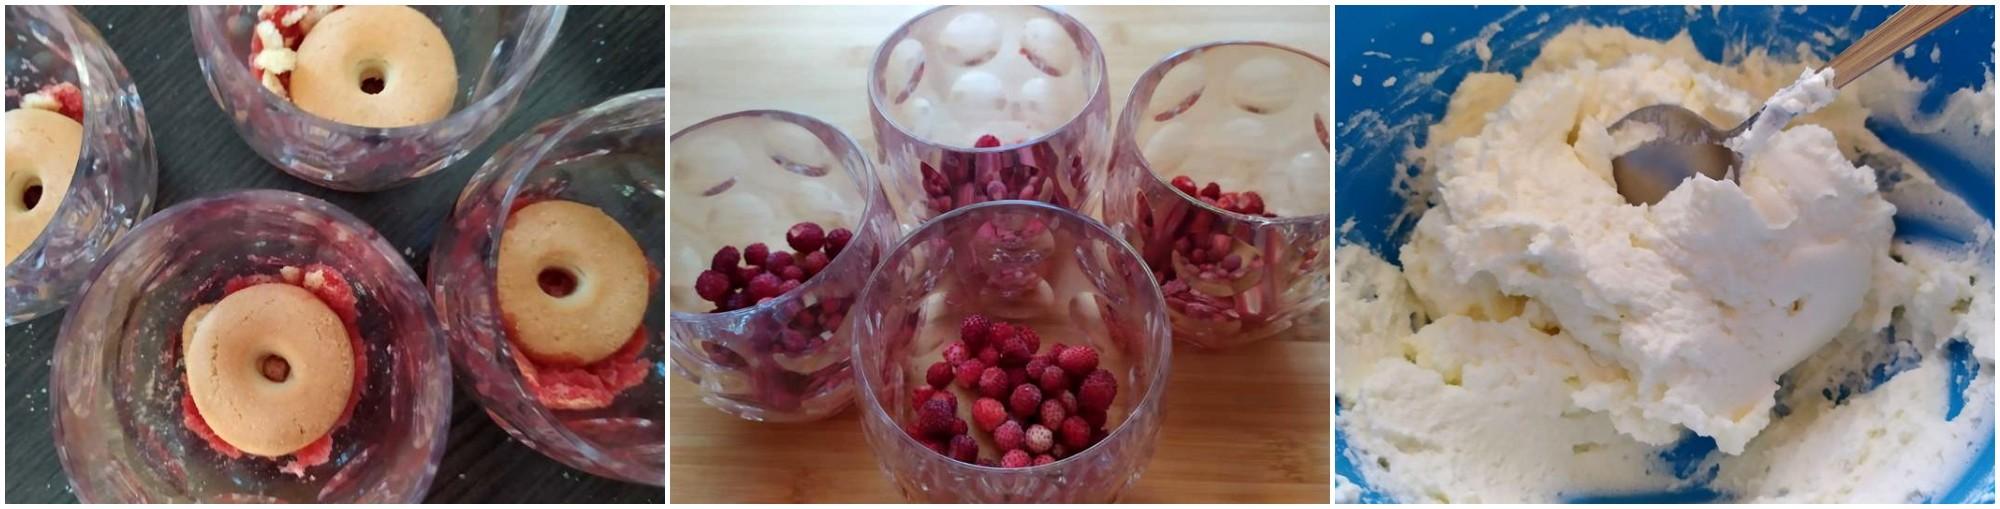 Bicchieri dolci ai frutti rossi